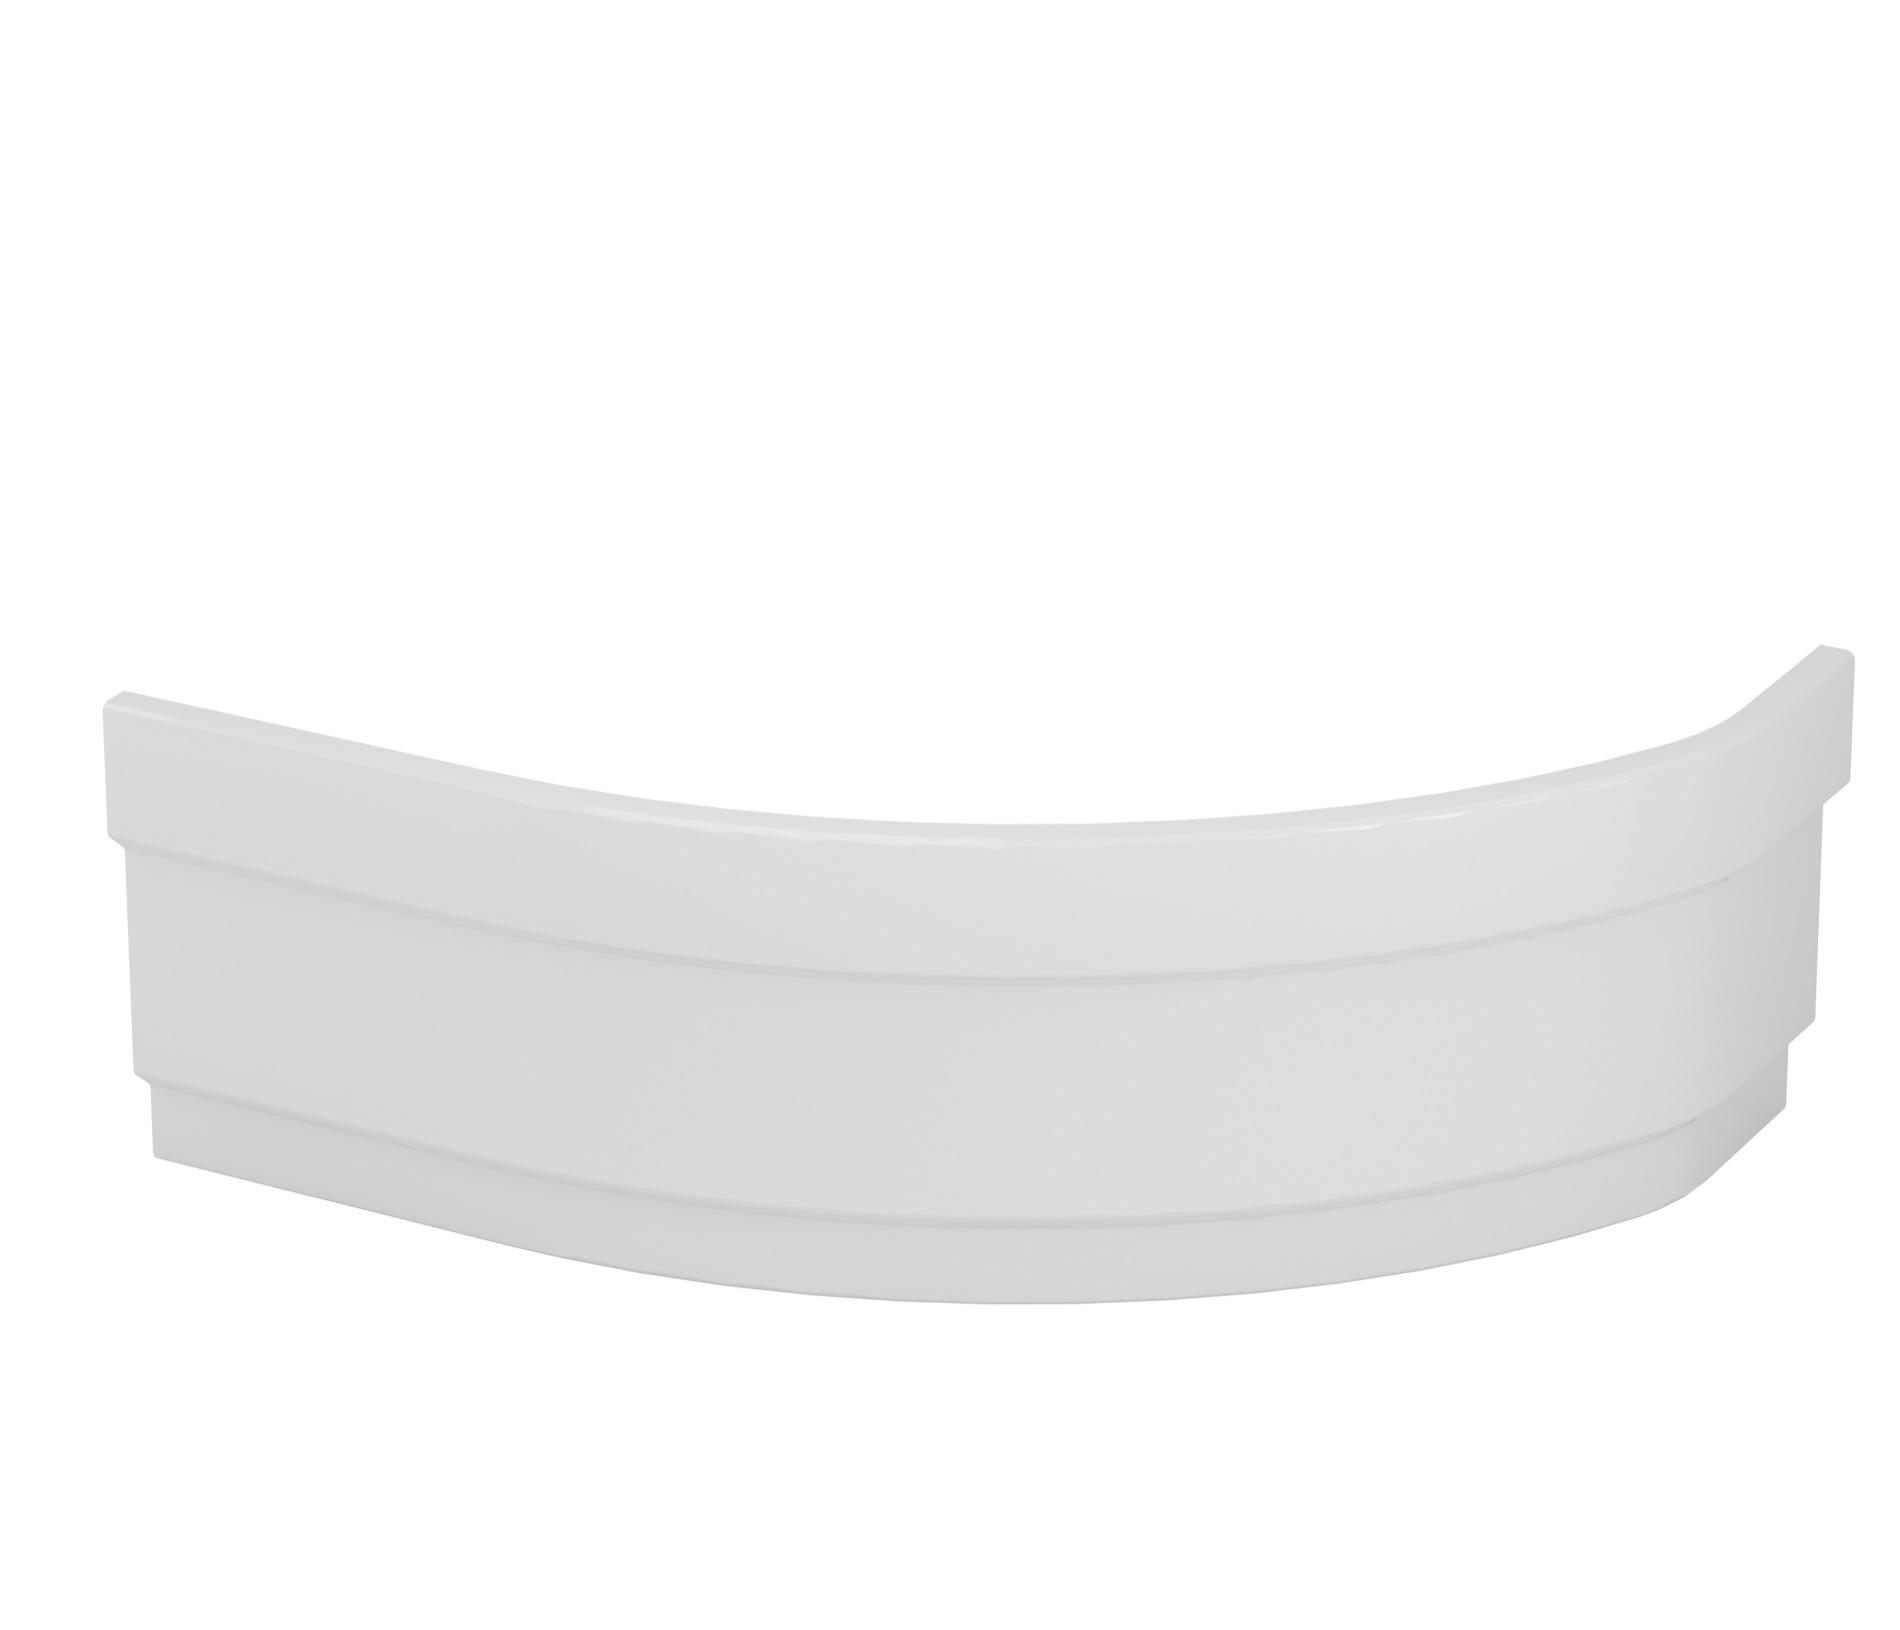 Панель для ванны Cersanit Kaliope 153 левая/правая S401-059